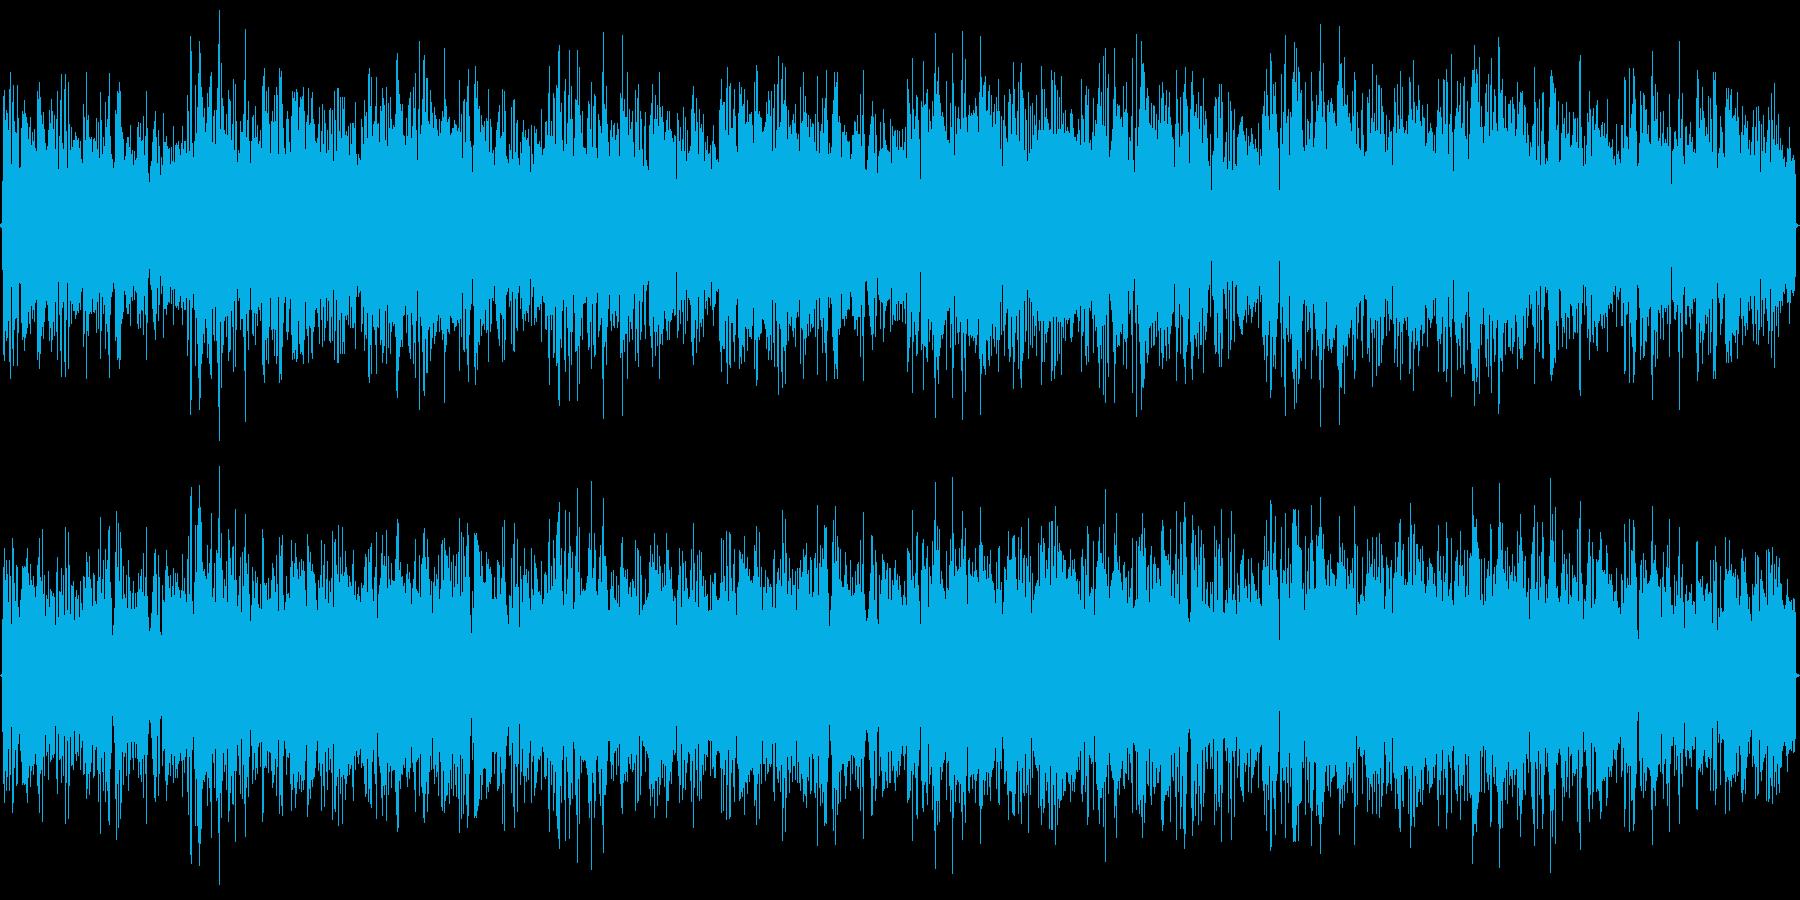 パワフルトランスの再生済みの波形